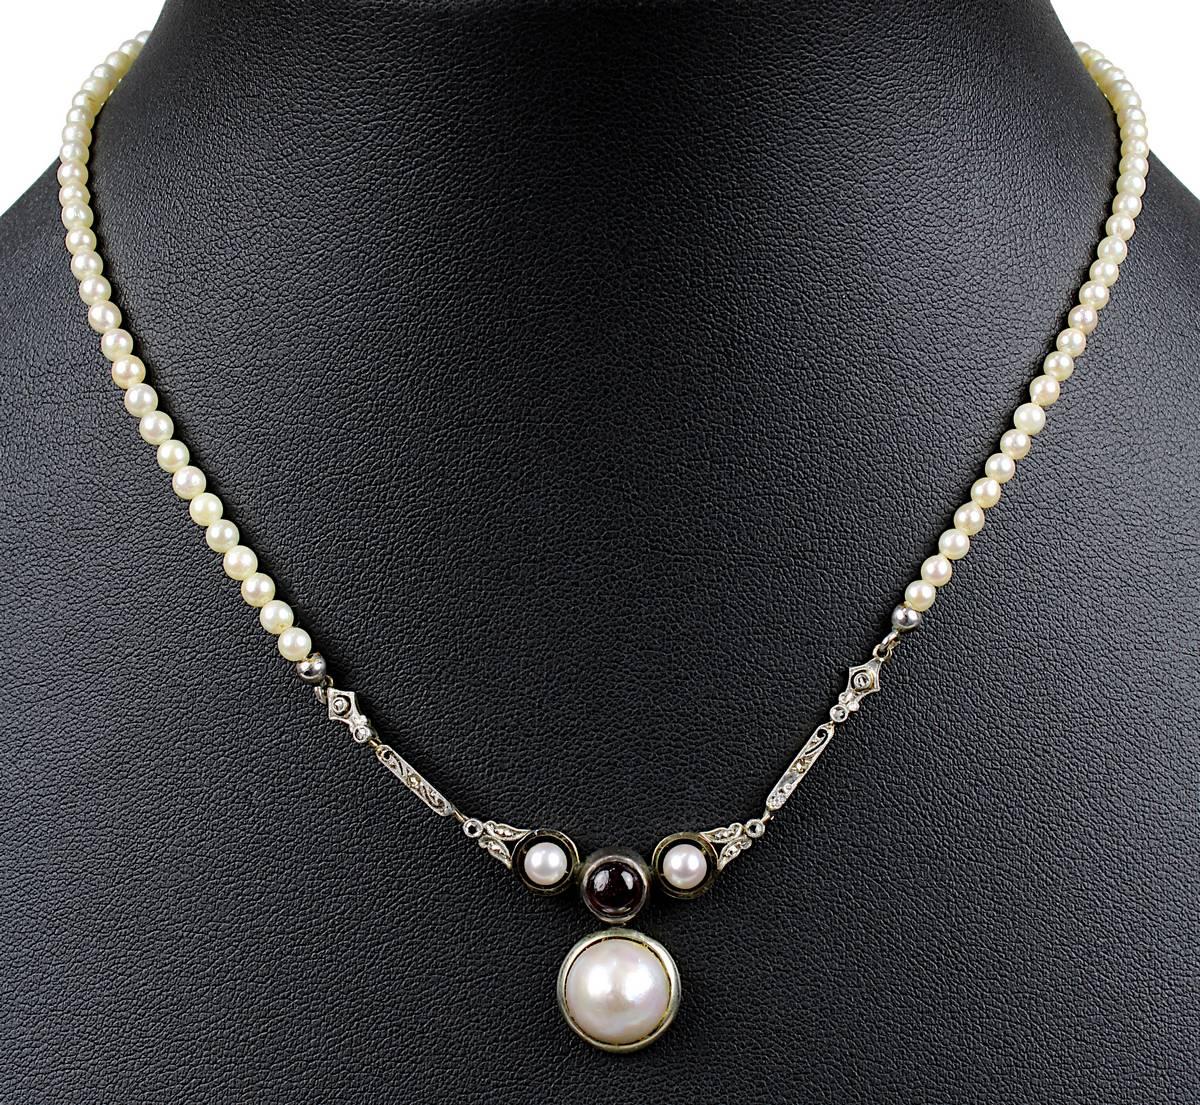 13-0010 - Jugendstil-Perlencollier mit Granat und Diamanten Image